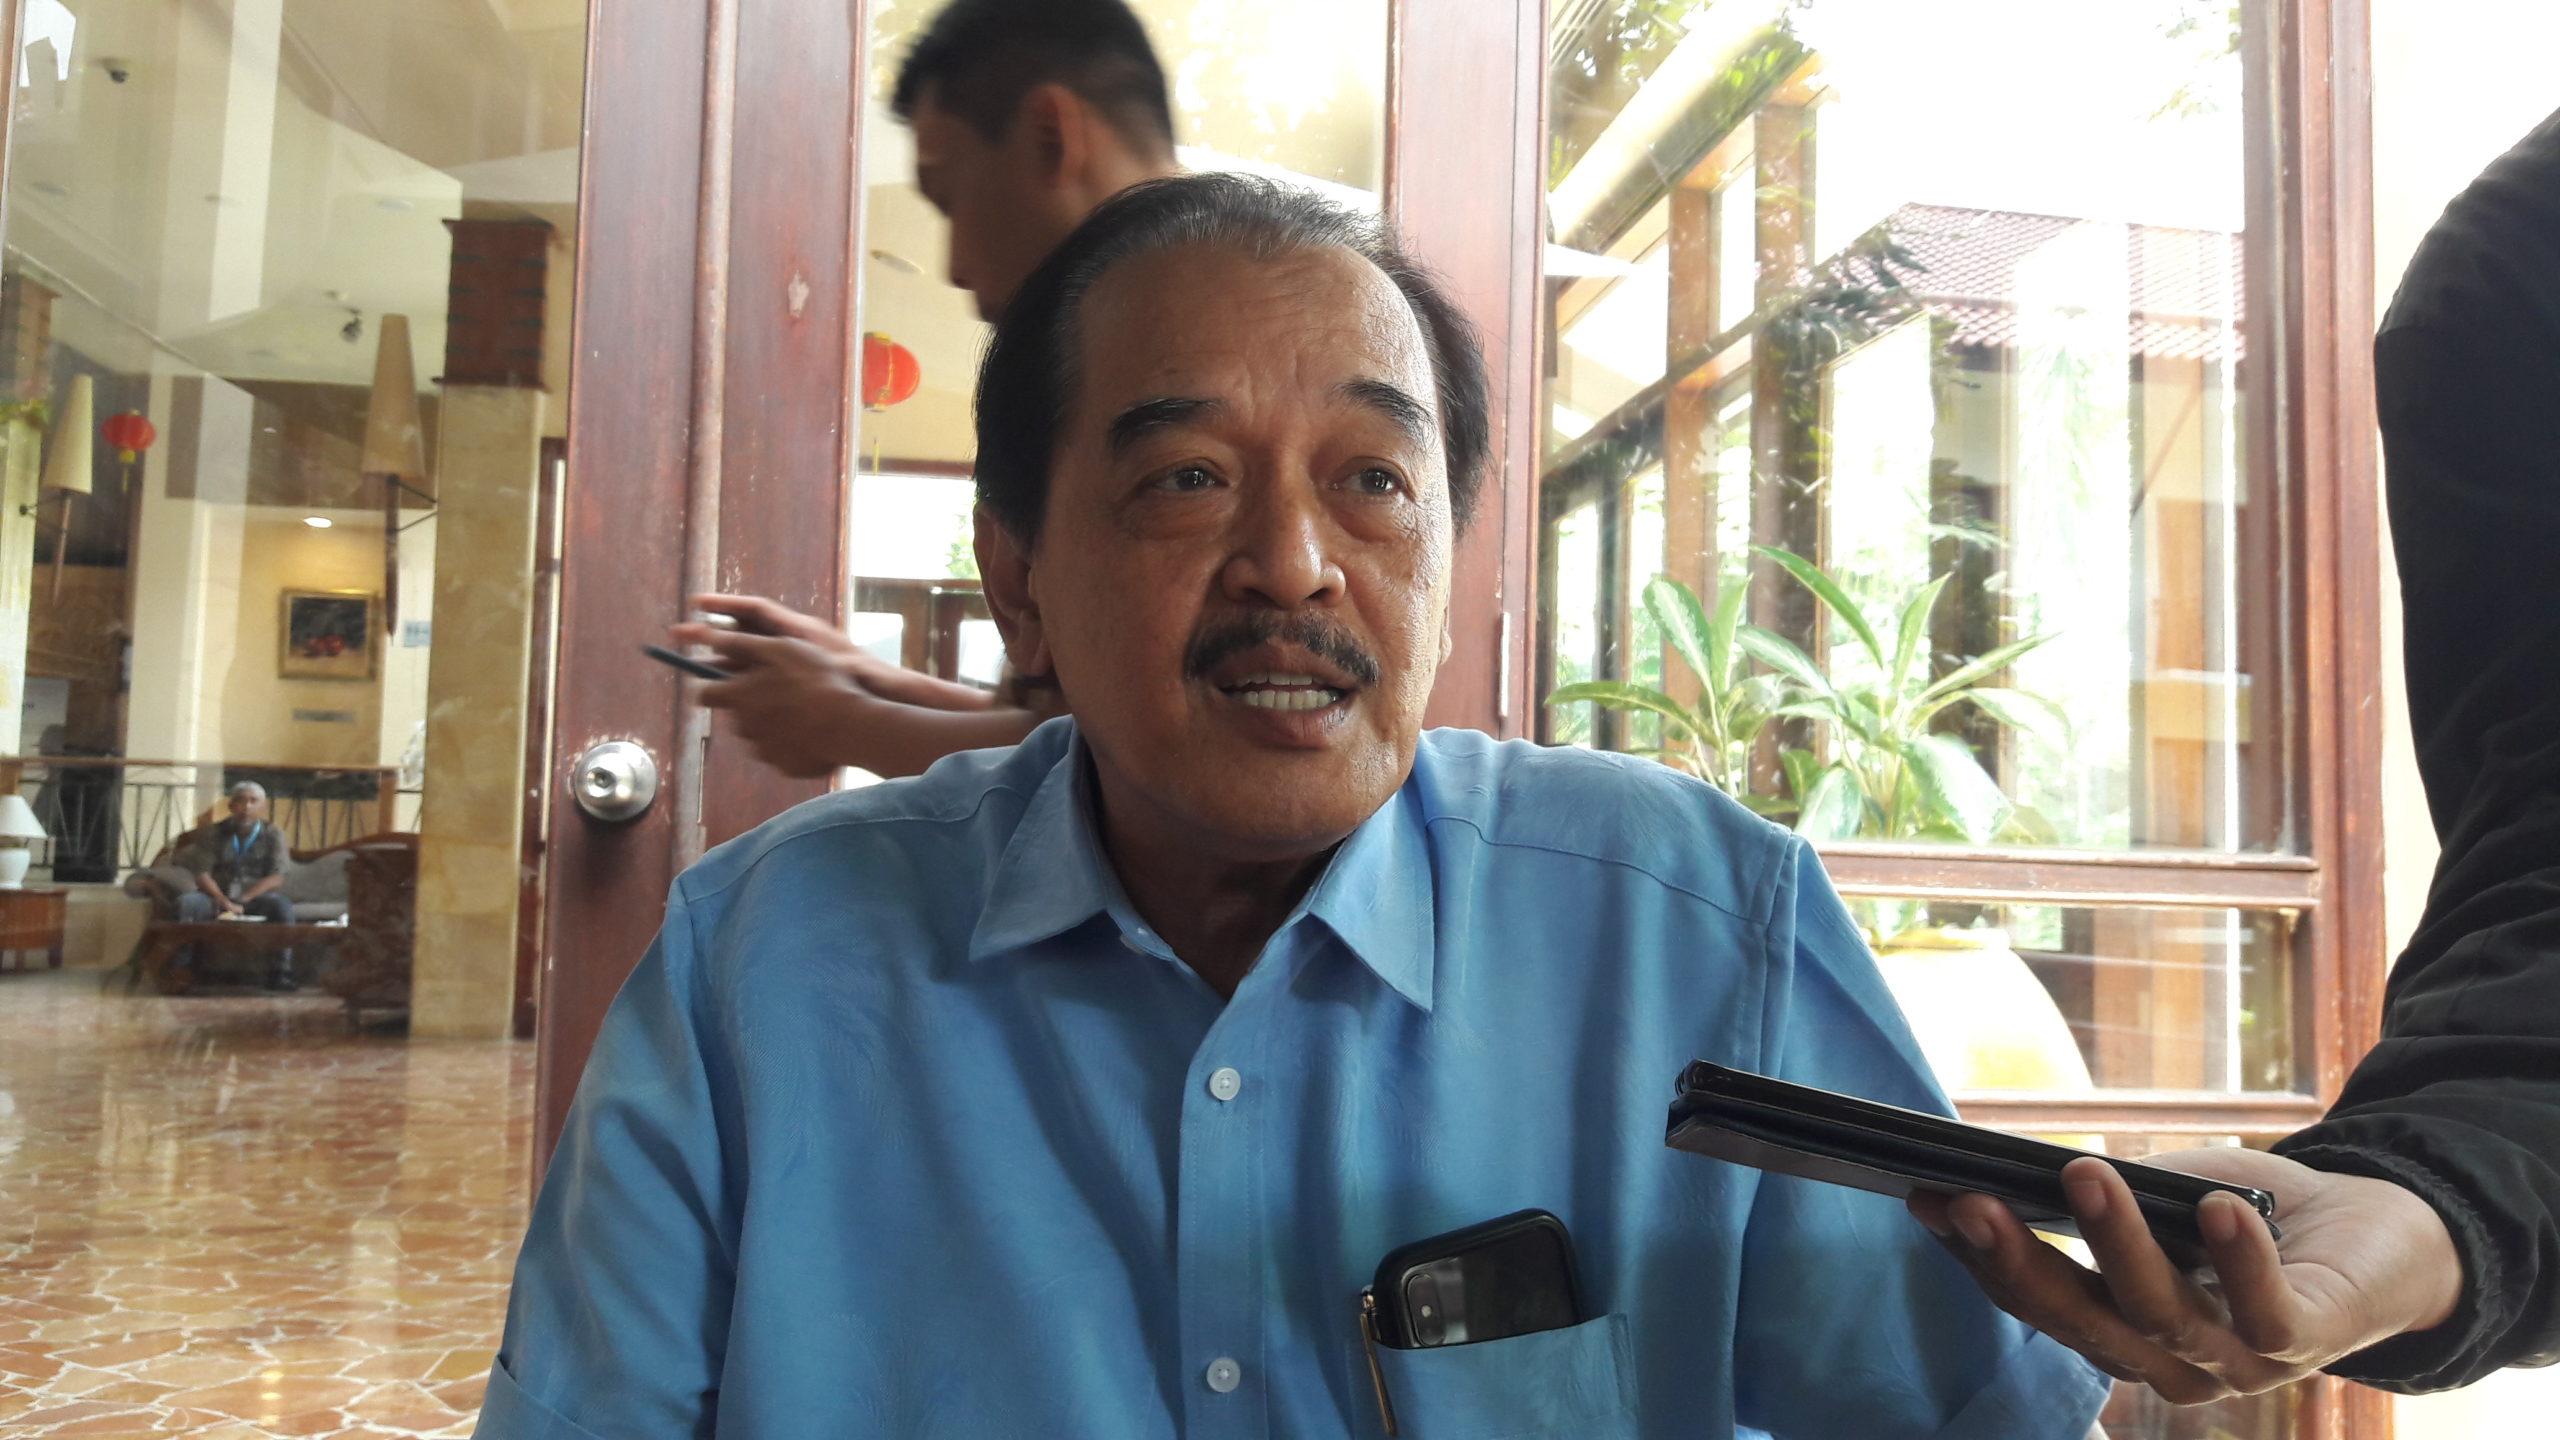 Ketua KONI Jatim Erlangga Satria Agung saat dikonfirmasi di Surabaya, senin (3/2/2020).